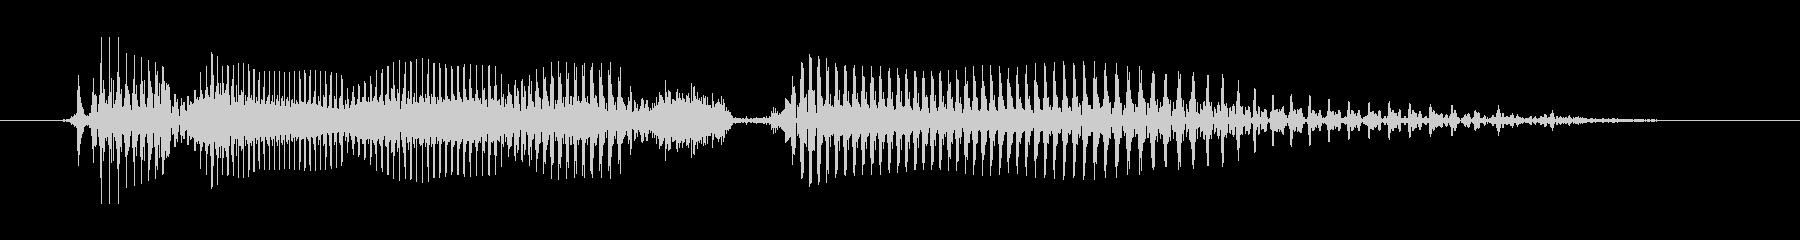 シニア男性A:わかりませんの未再生の波形